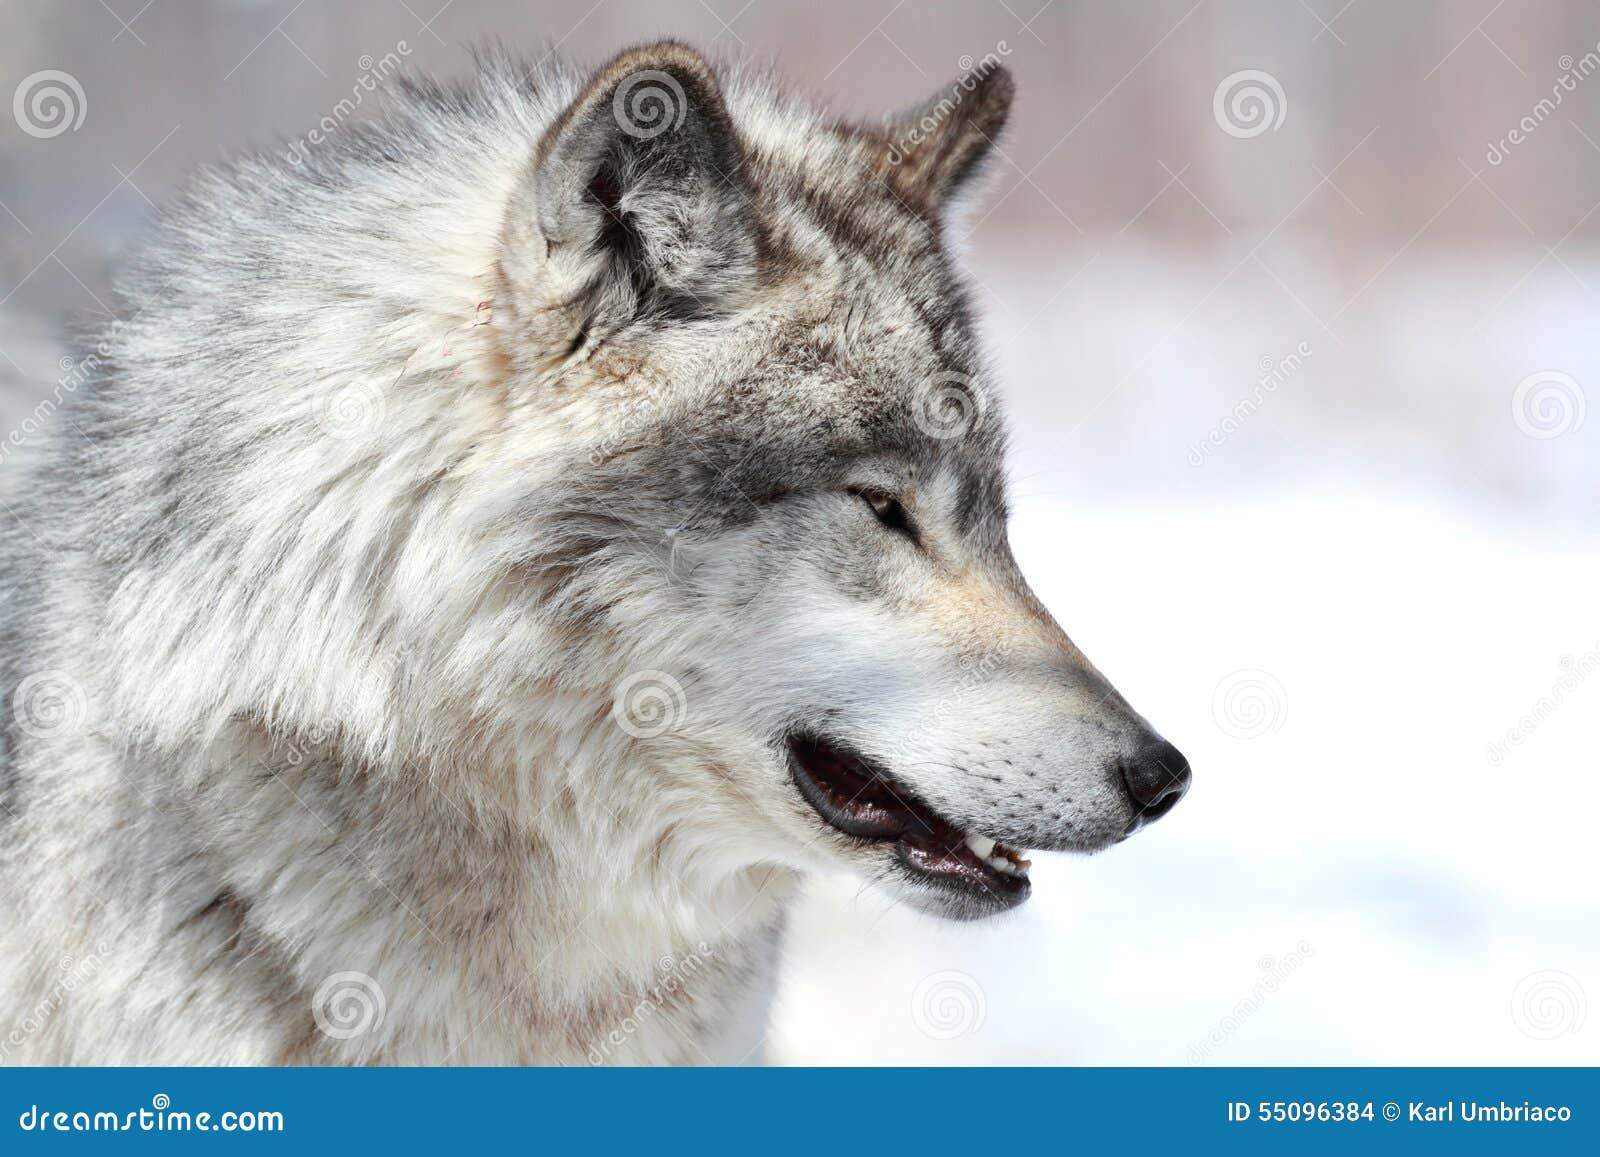 1 544 Profil De Loup Photos Libres De Droits Et Gratuites De Dreamstime